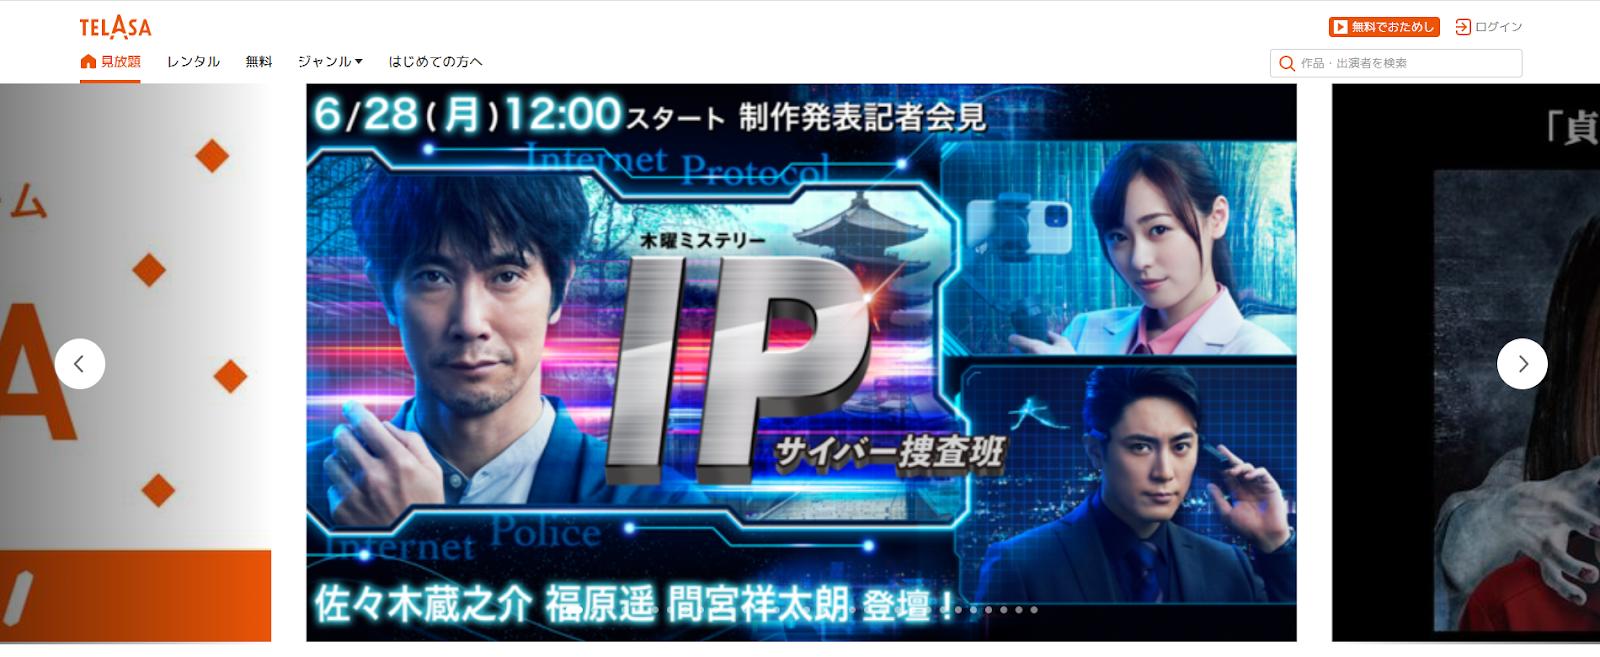 【2021年版】テレビ朝日系列「TELASA」作品の料金・サービス解説